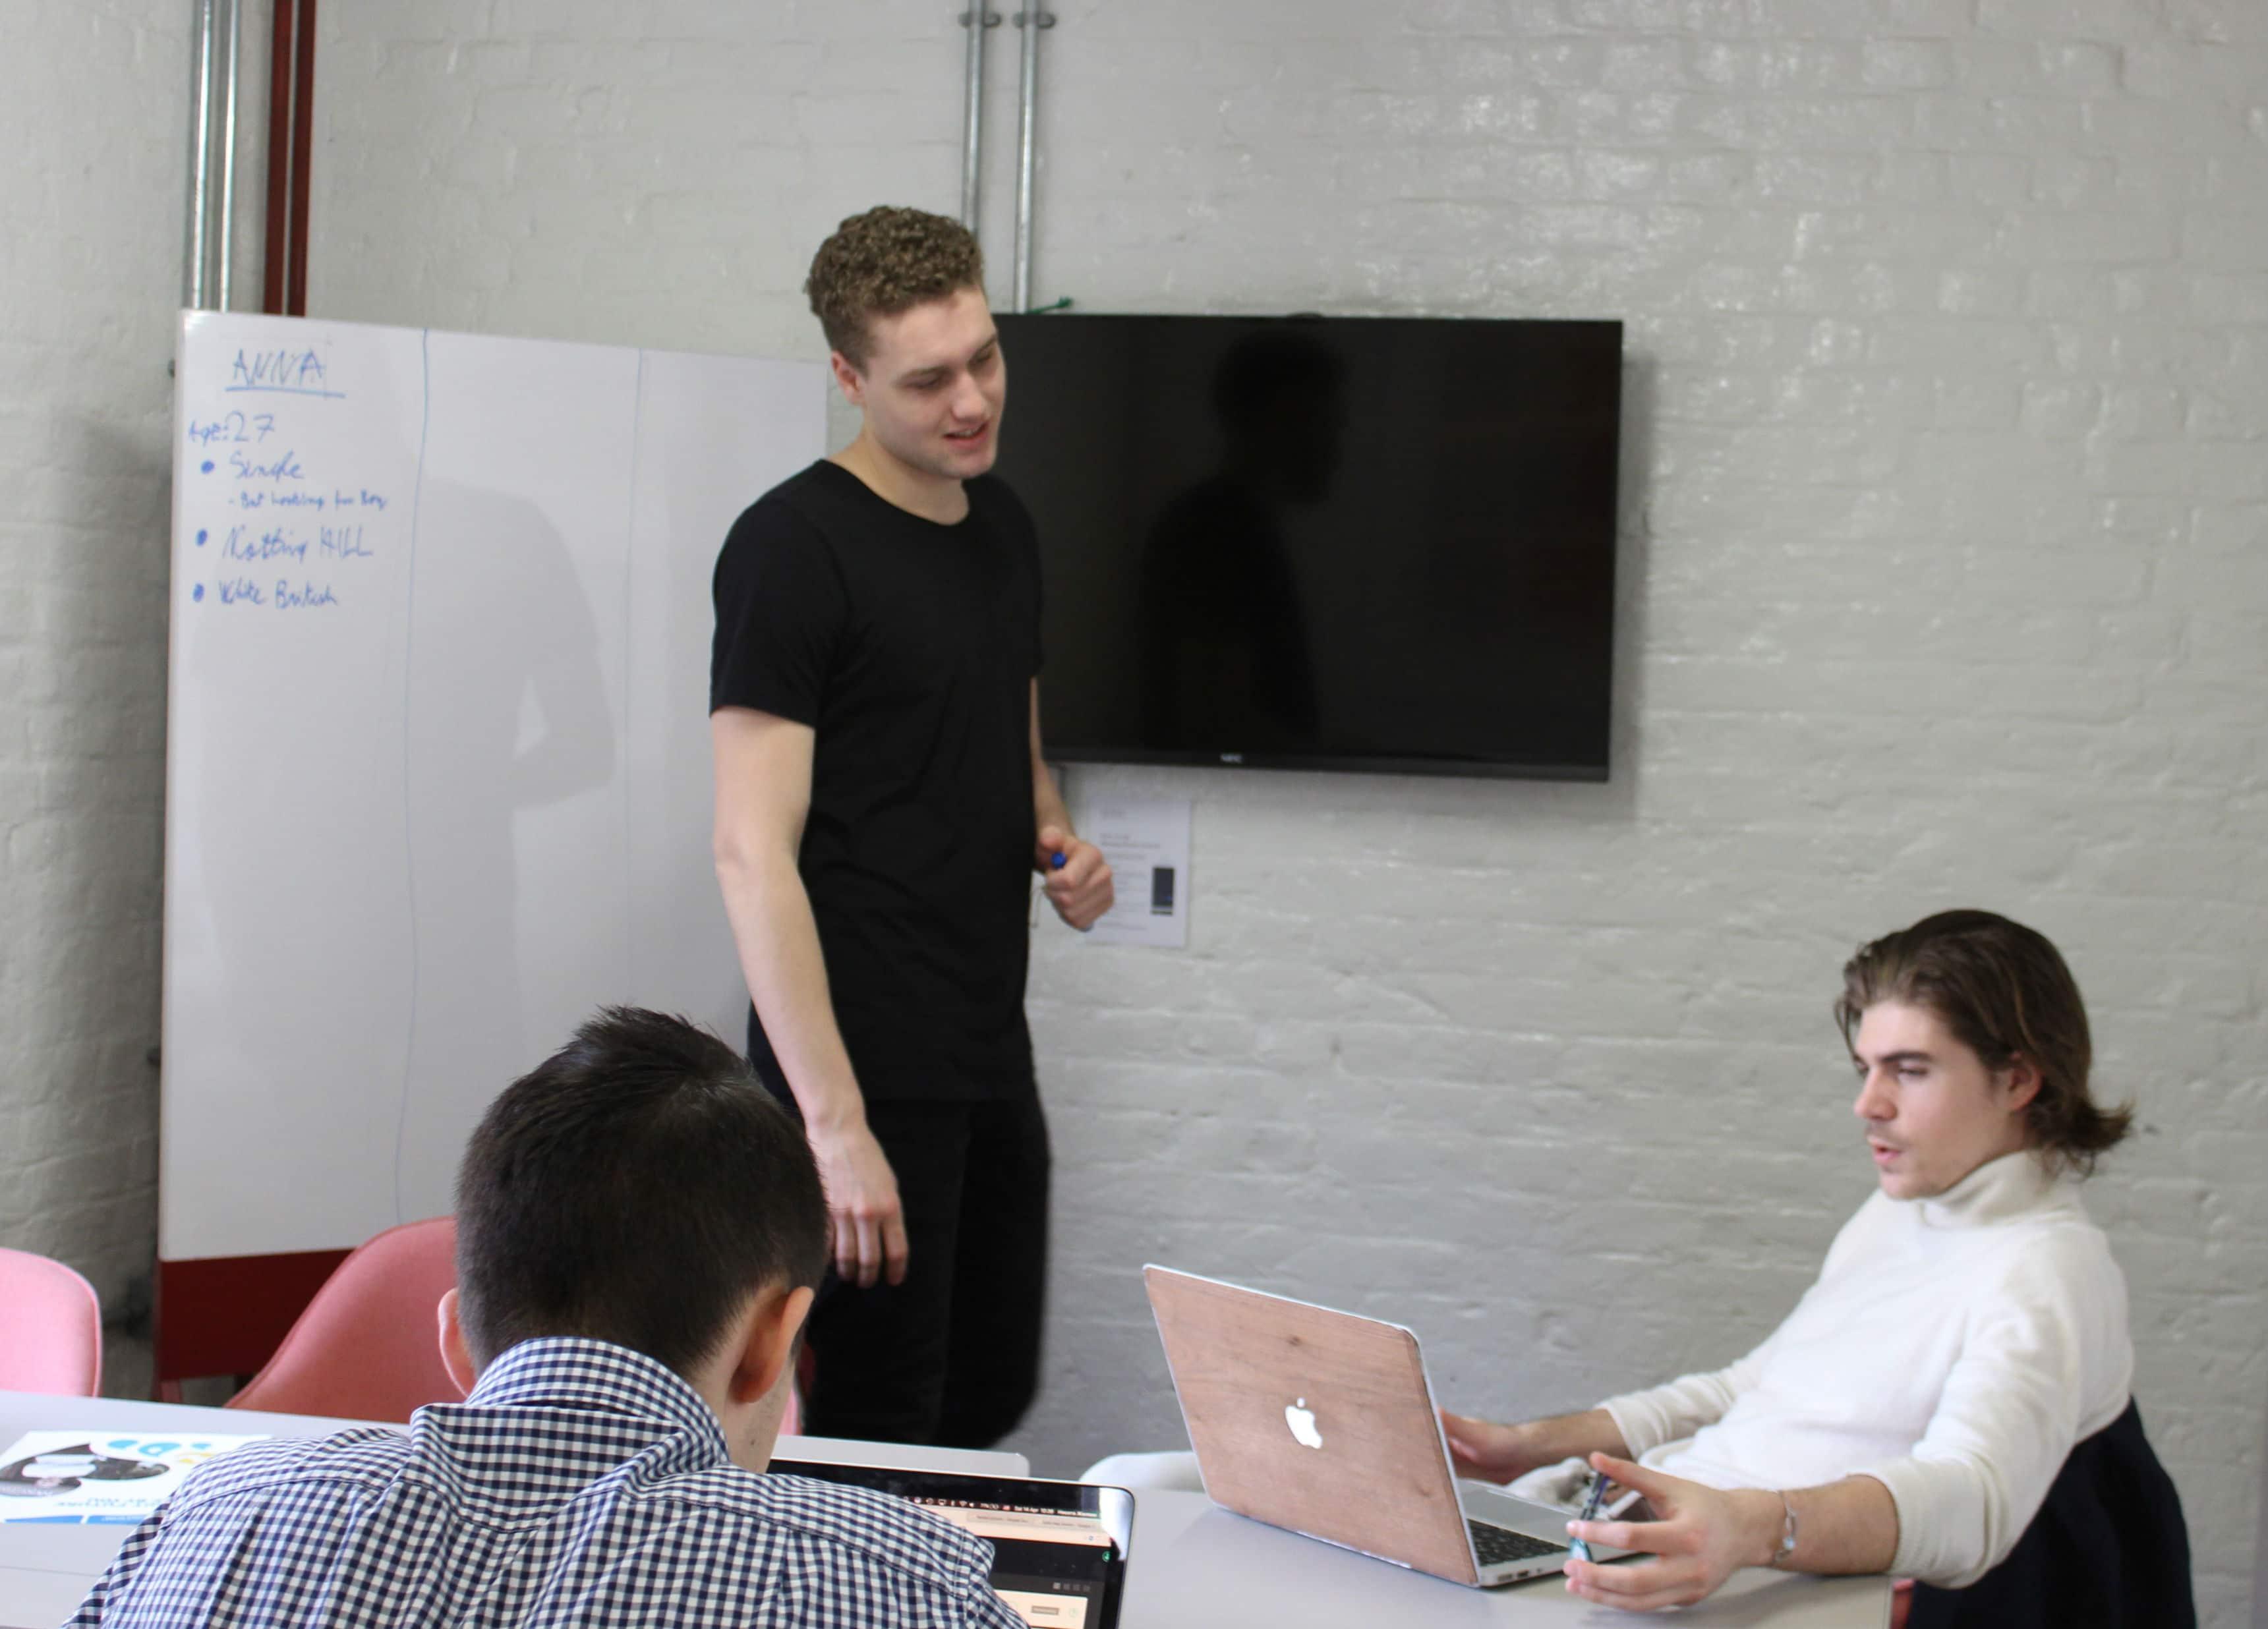 Hackathon collaboration